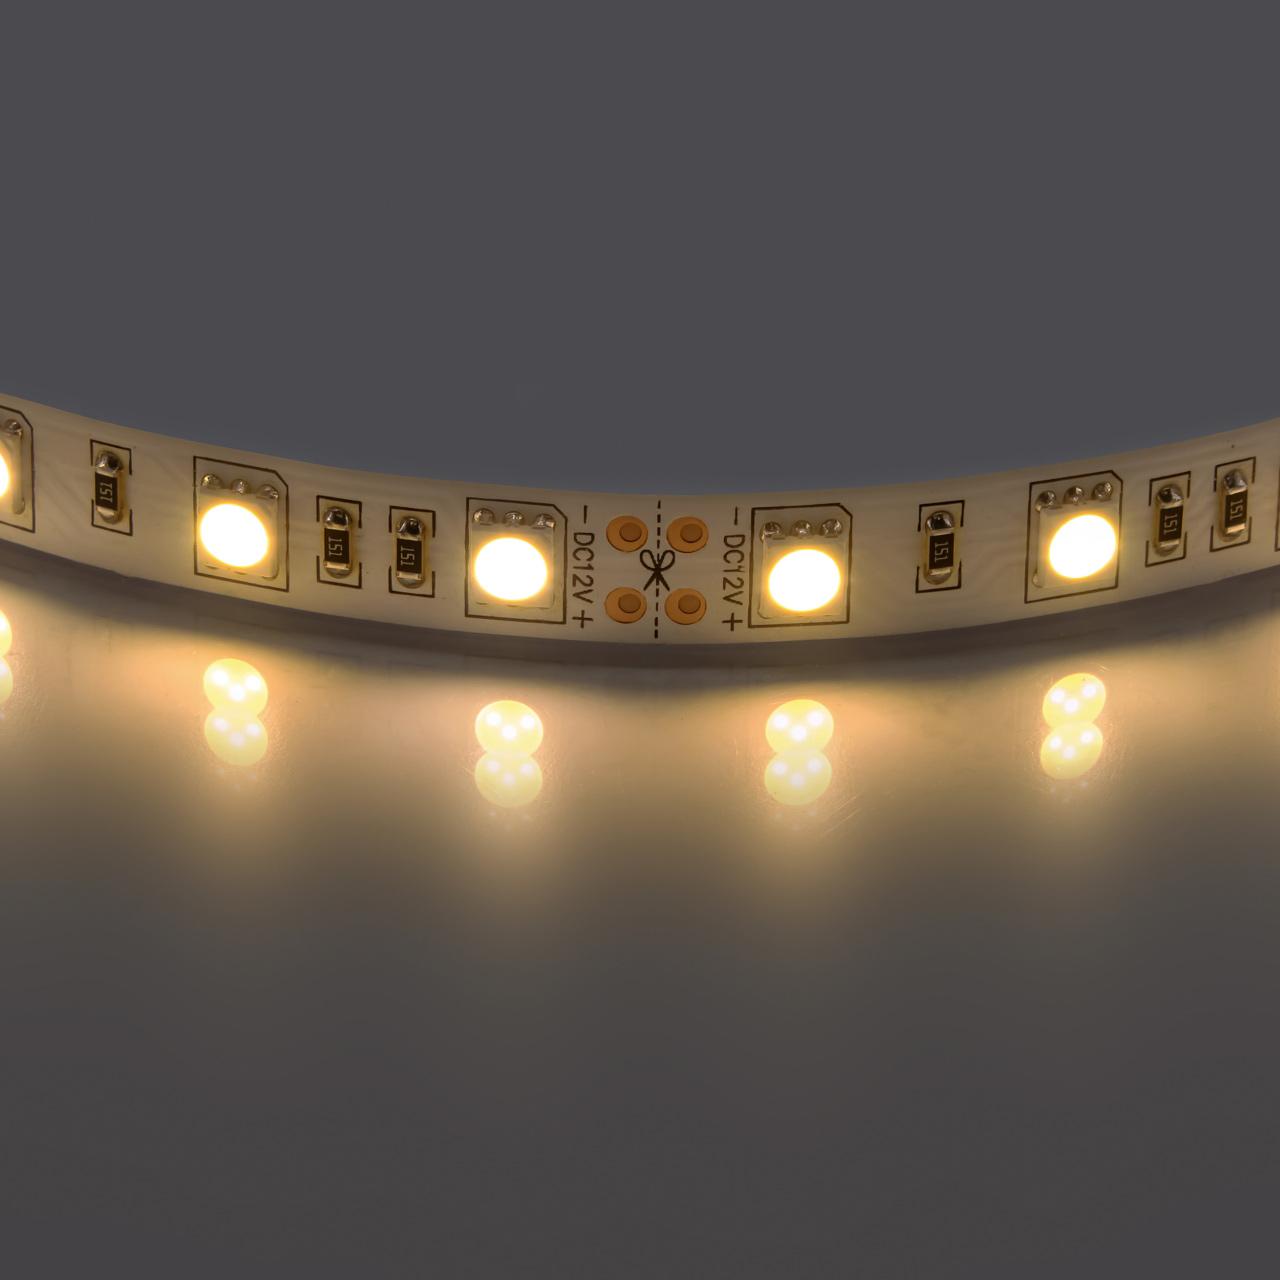 Лента 5050 LED 12V 14.4W 2700K-3000K 200m теплый белый свет Lightstar 400052